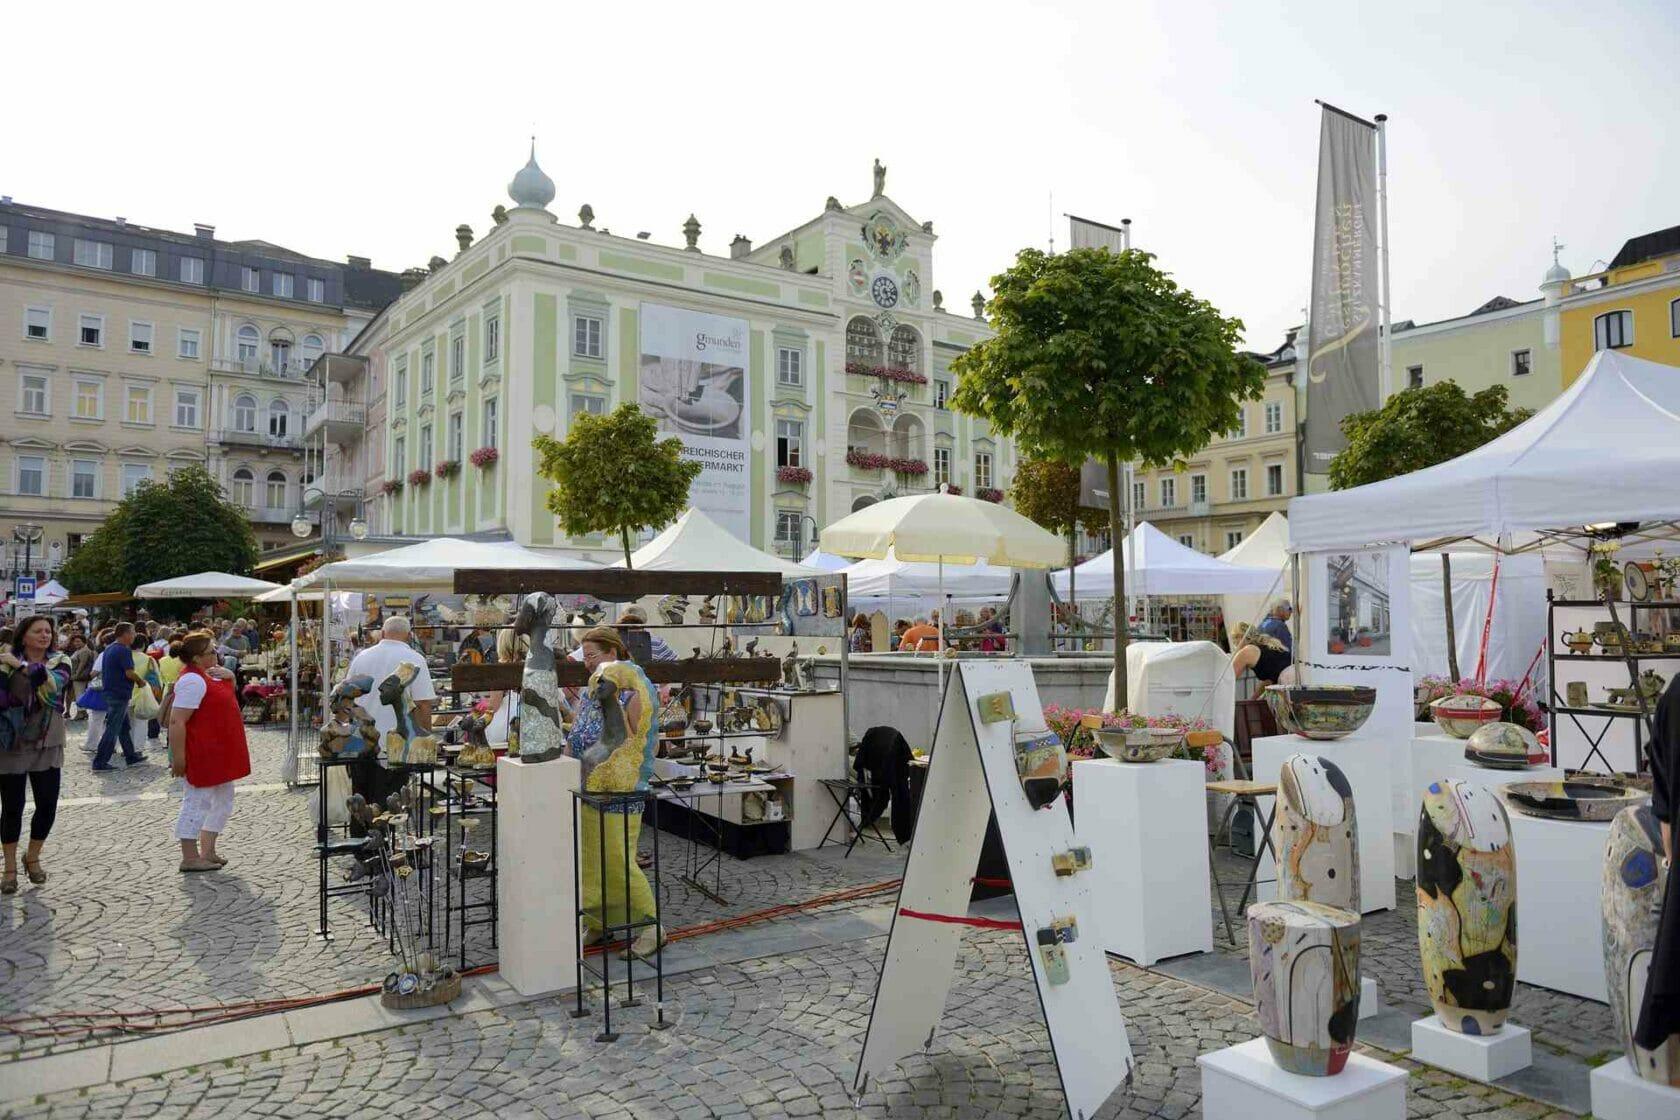 Töpfermarkt in Gmunden